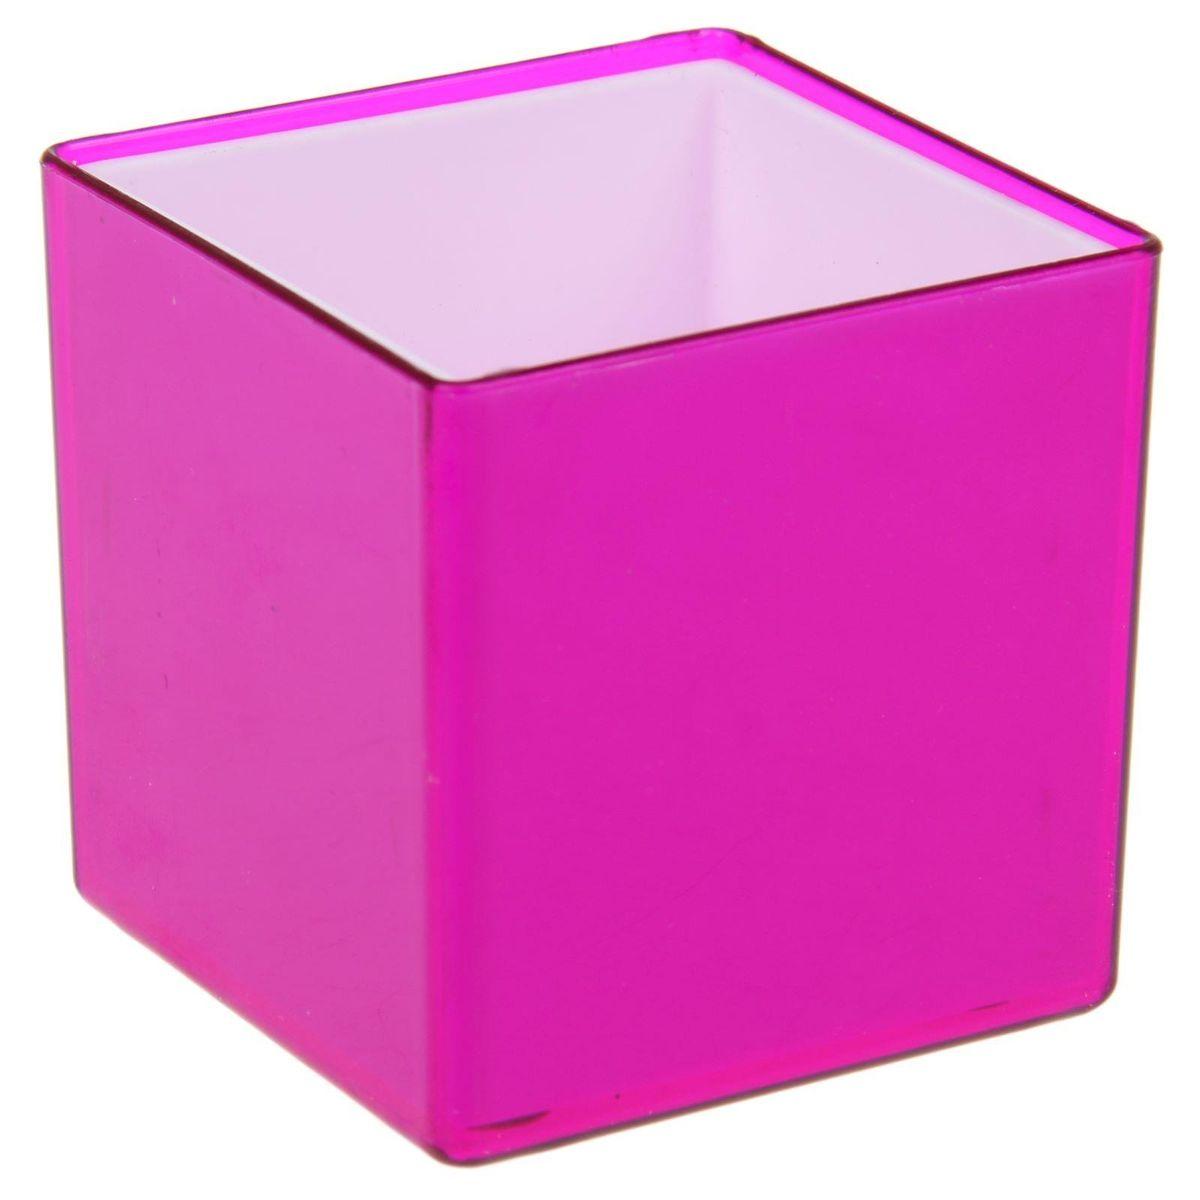 Кашпо JetPlast Мини куб, на магните, цвет: темно-фиолетовый, 6 x 6 x 6 см4612754050475Кашпо JetPlast Мини куб предназначено для украшения любого интерьера. Благодаря магнитной ленте, входящей в комплект, вы можете разместить его не только на подоконнике, столе или иной поверхности, а также на холодильнике и любой другой металлической поверхности, дополняя привычные вещи новыми дизайнерскими решениями. Кашпо можно использовать не только под цветы, но и как подставку для ручек, карандашей и прочих канцелярских мелочей.Размеры кашпо: 6 х 6 х 6 см.